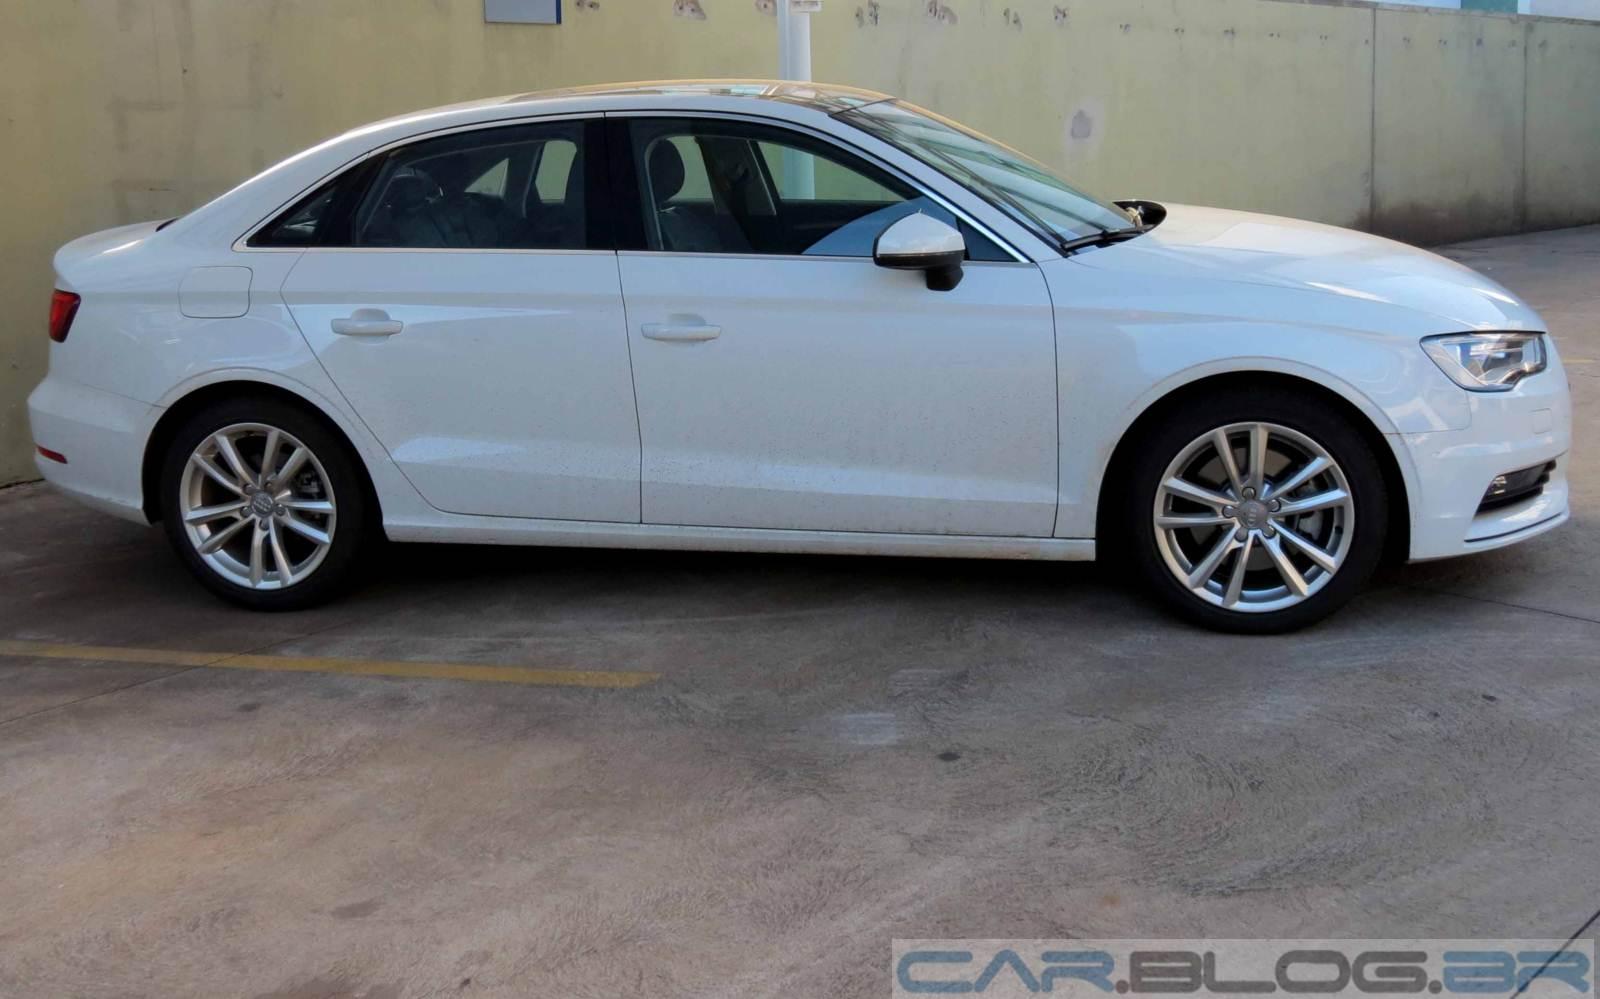 Audi A3 Sedan Nacional: câmbio TipTronic e suspensão traseira semi-independente